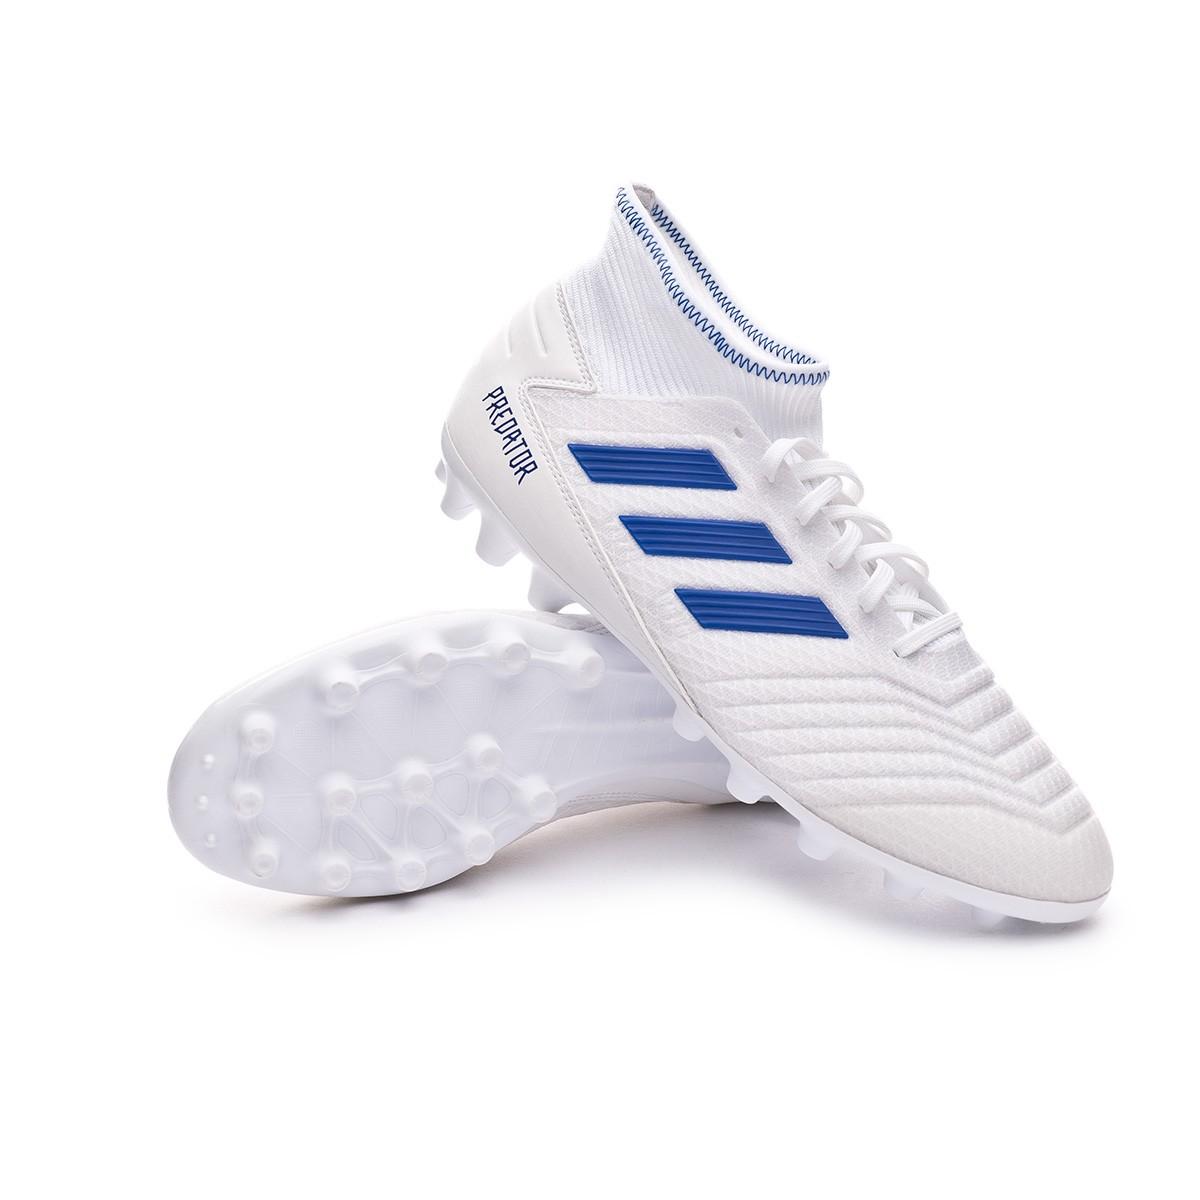 venta limitada Super baratas nuevo diseño Football Boots adidas Predator 19.3 AG White-Bold blue - Tienda de ...